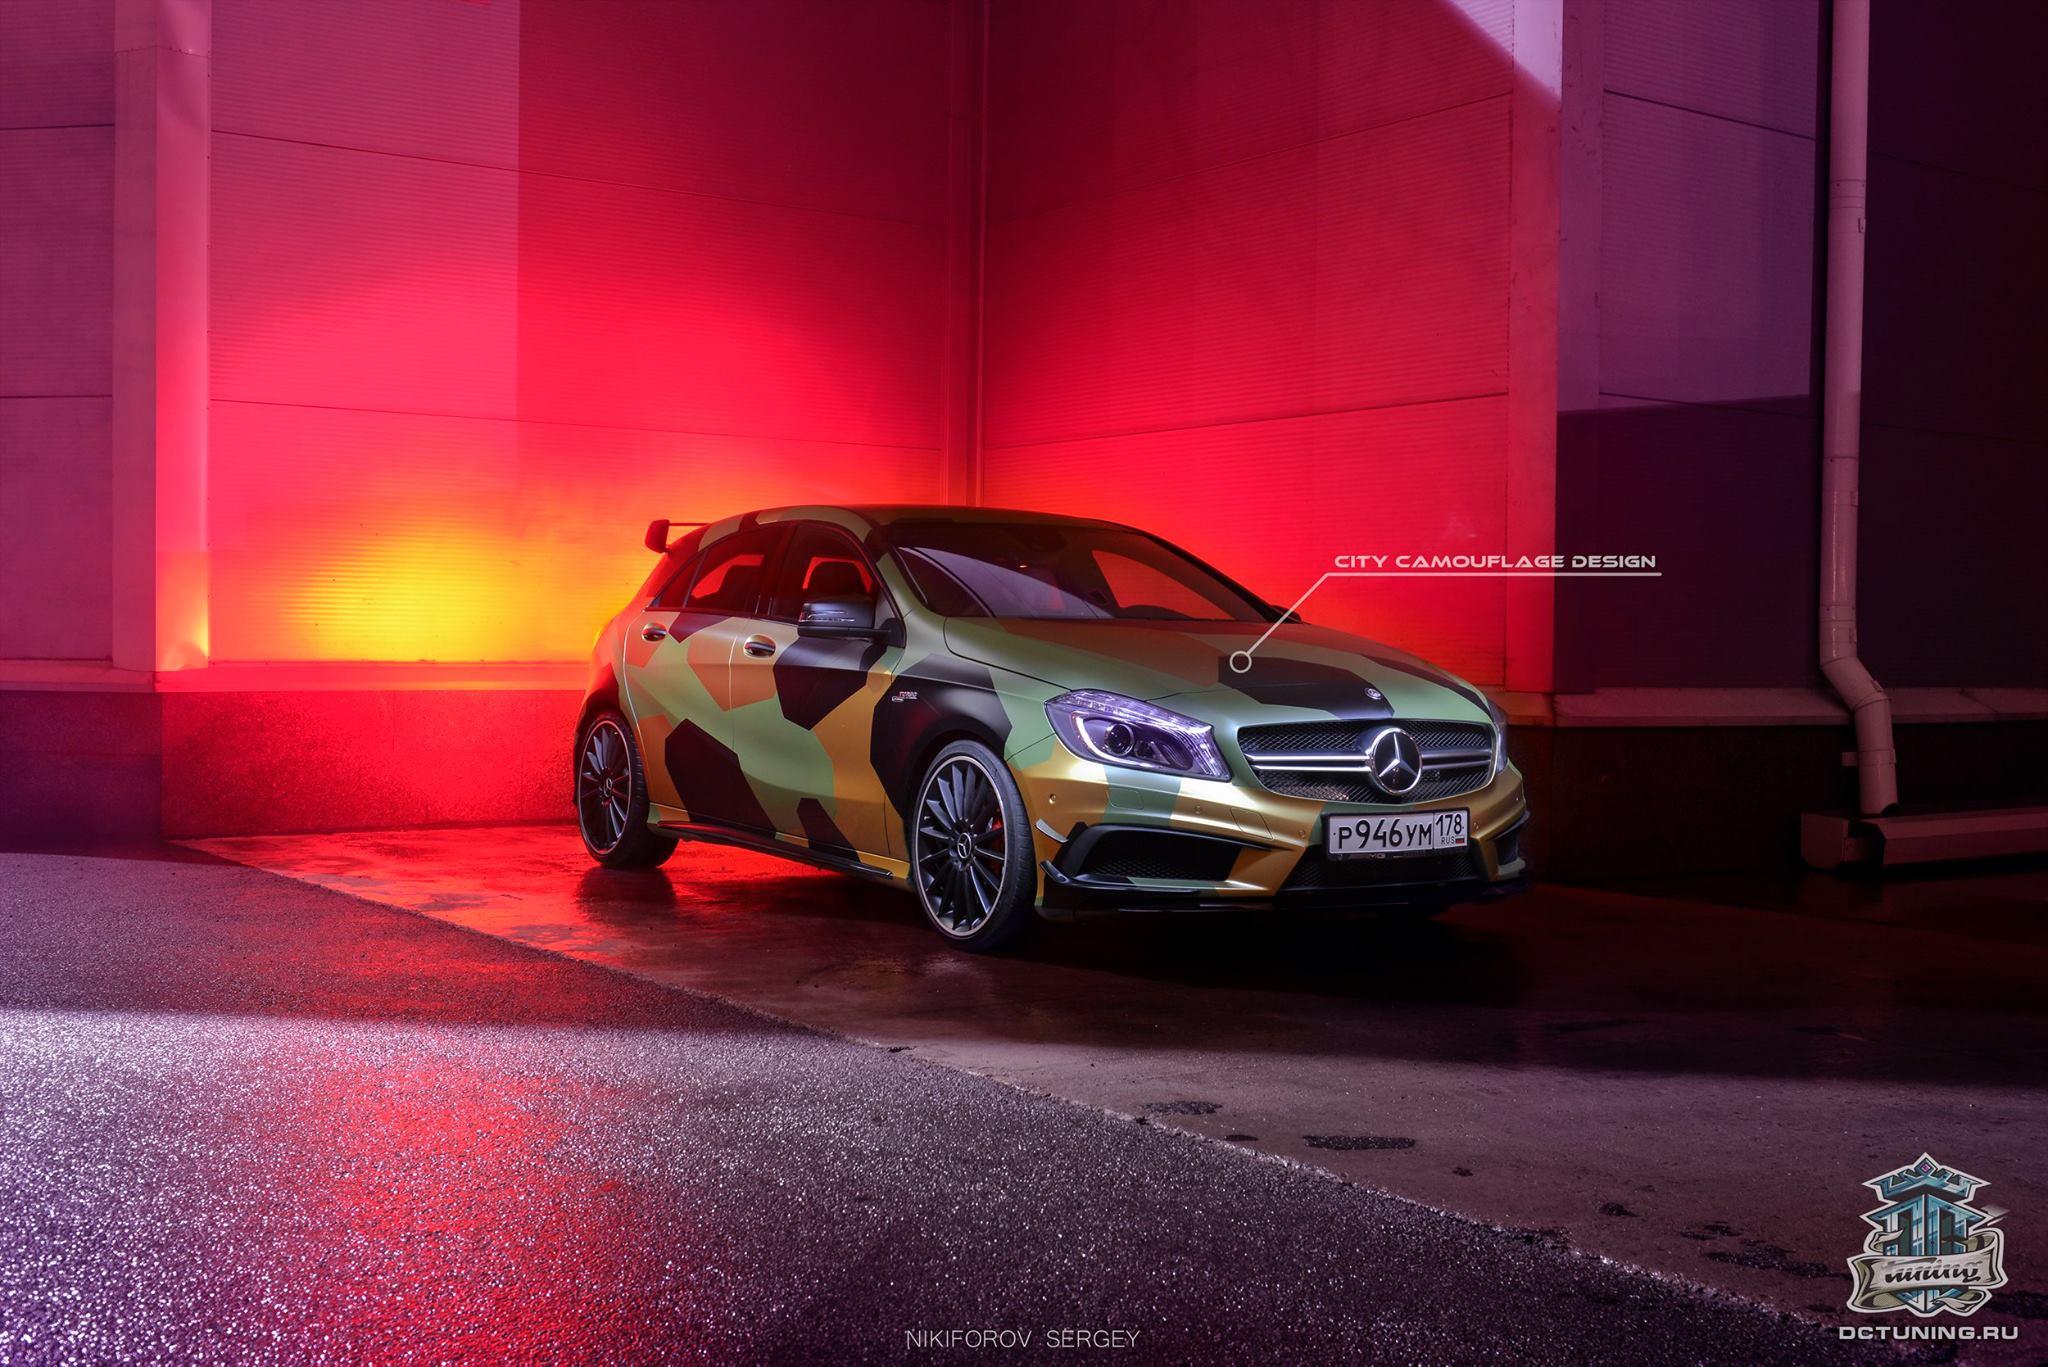 Mercedes-Benz A45 AMG Camo Wrap